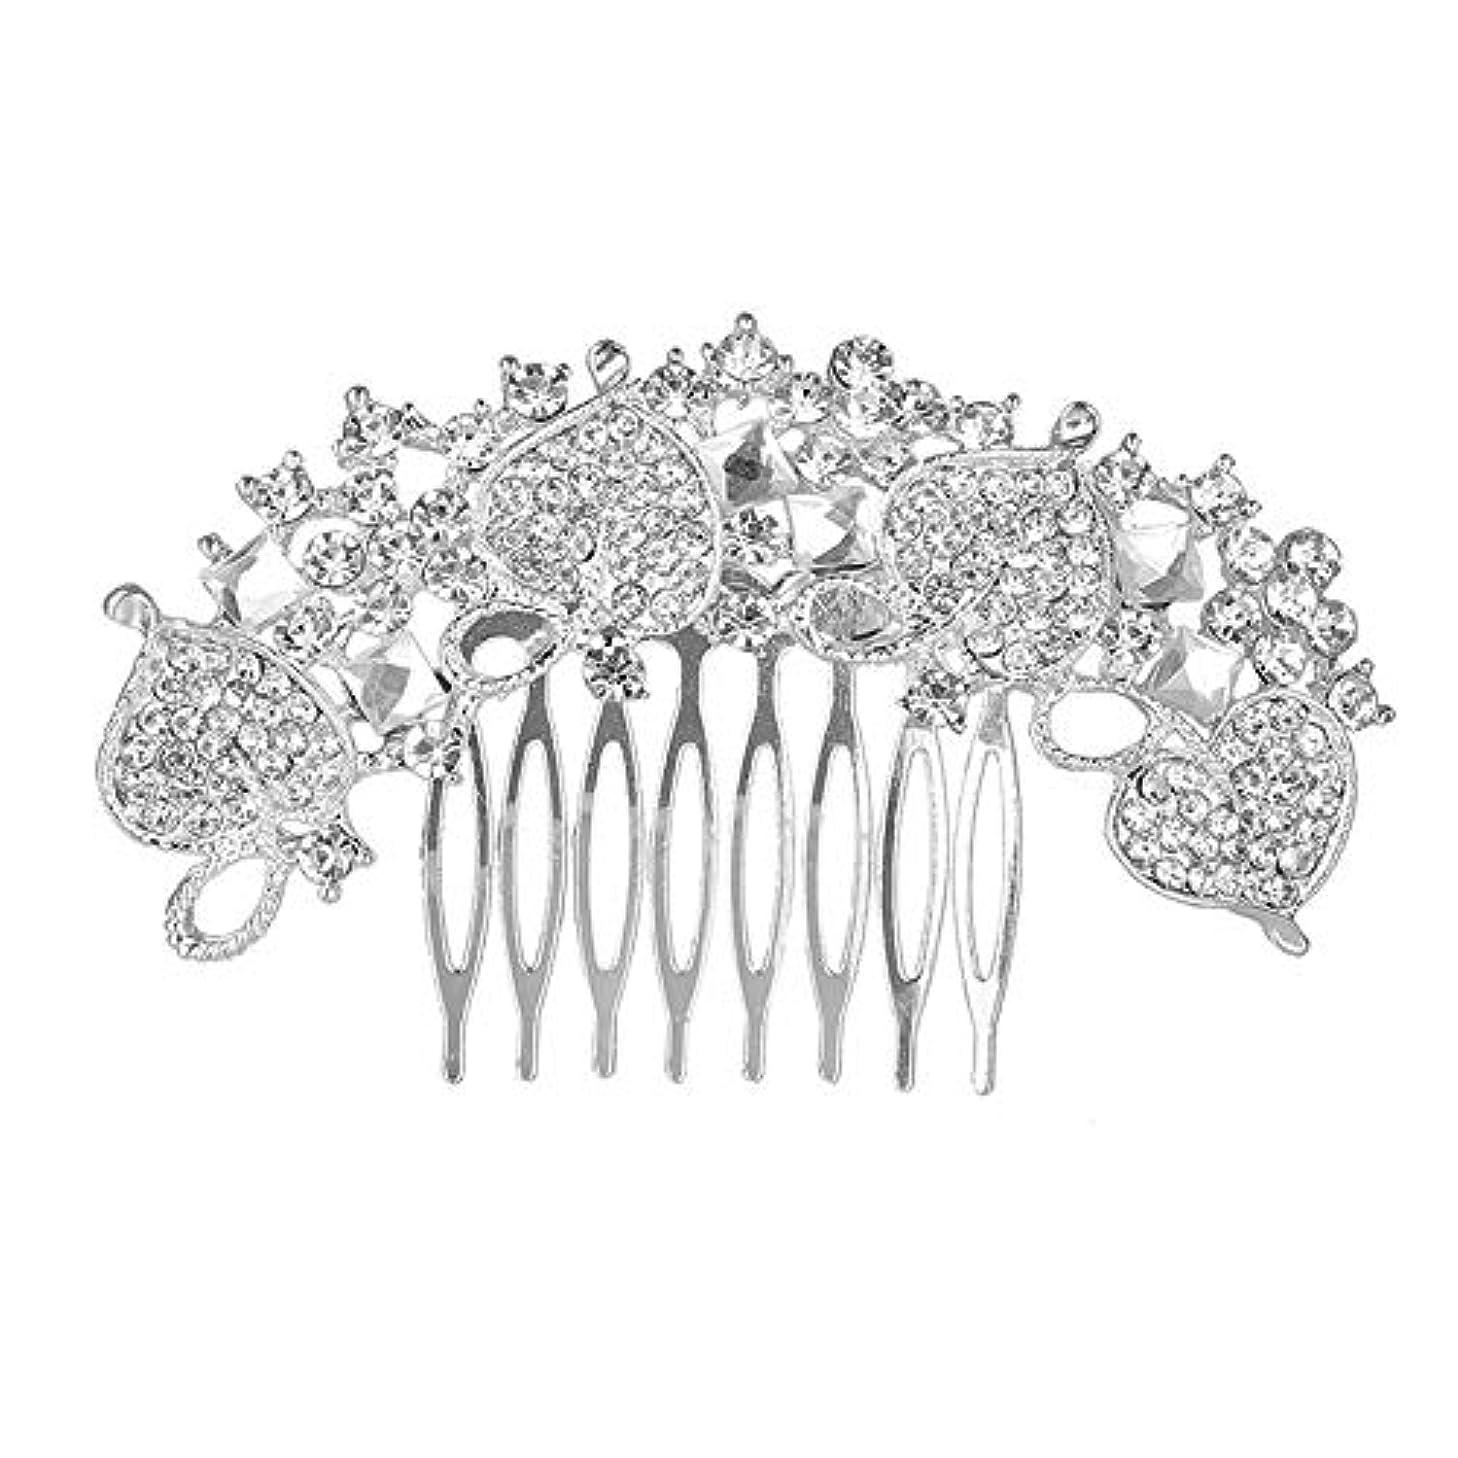 フィヨルド箱犯す髪の櫛、櫛、花嫁の髪の櫛、クラウン髪の櫛、結婚式のアクセサリー、ラインストーンの髪の櫛、ブライダルヘアアクセサリー